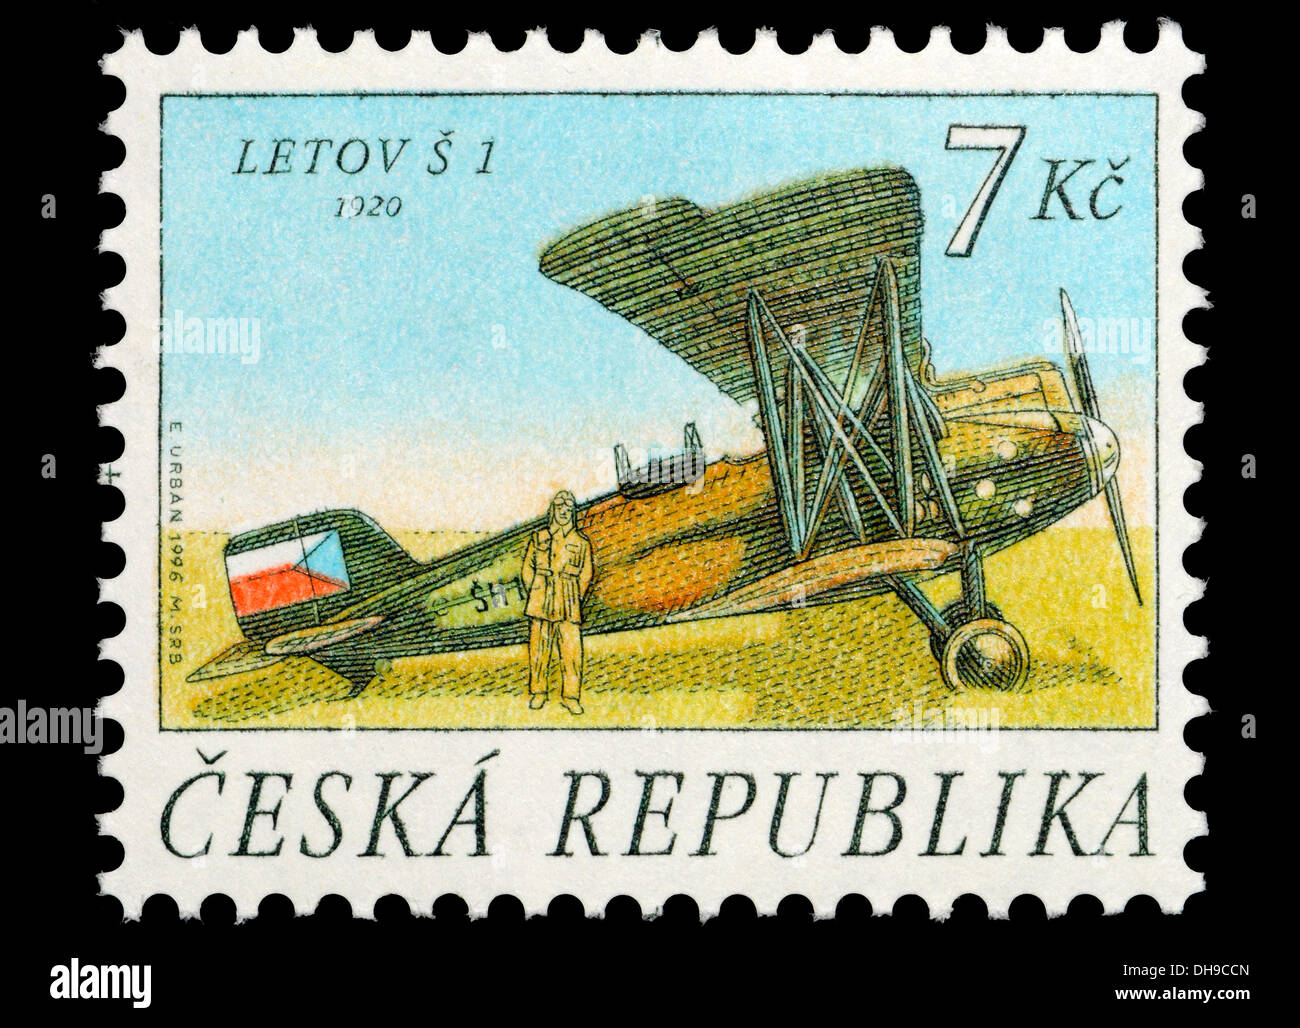 Repubblica ceca francobollo: Letov S-1 (1920) cecoslovacco di monoposto con motore a due sede biplanare aeromobili di sorveglianza Immagini Stock